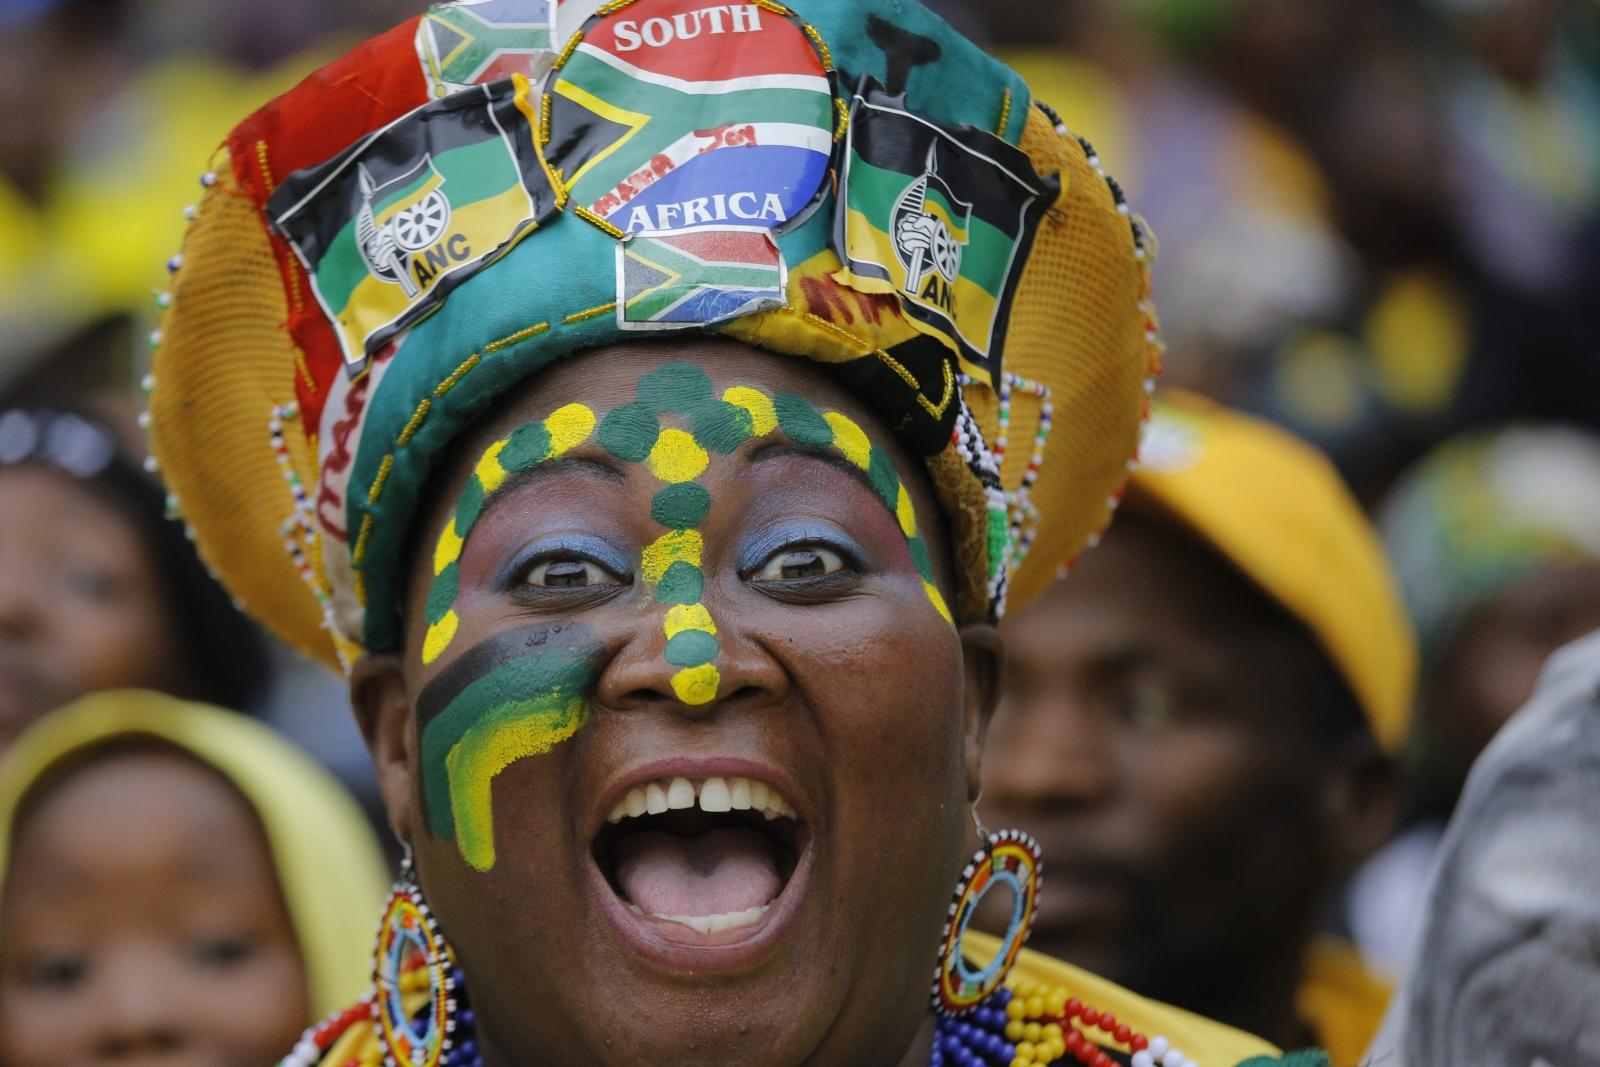 W Republice Południowej Afryki 20 tys. osób świętowało 105. rocznicę powstania Kongresu. Fot. PAP/ EPA/KIM LUDBROOK